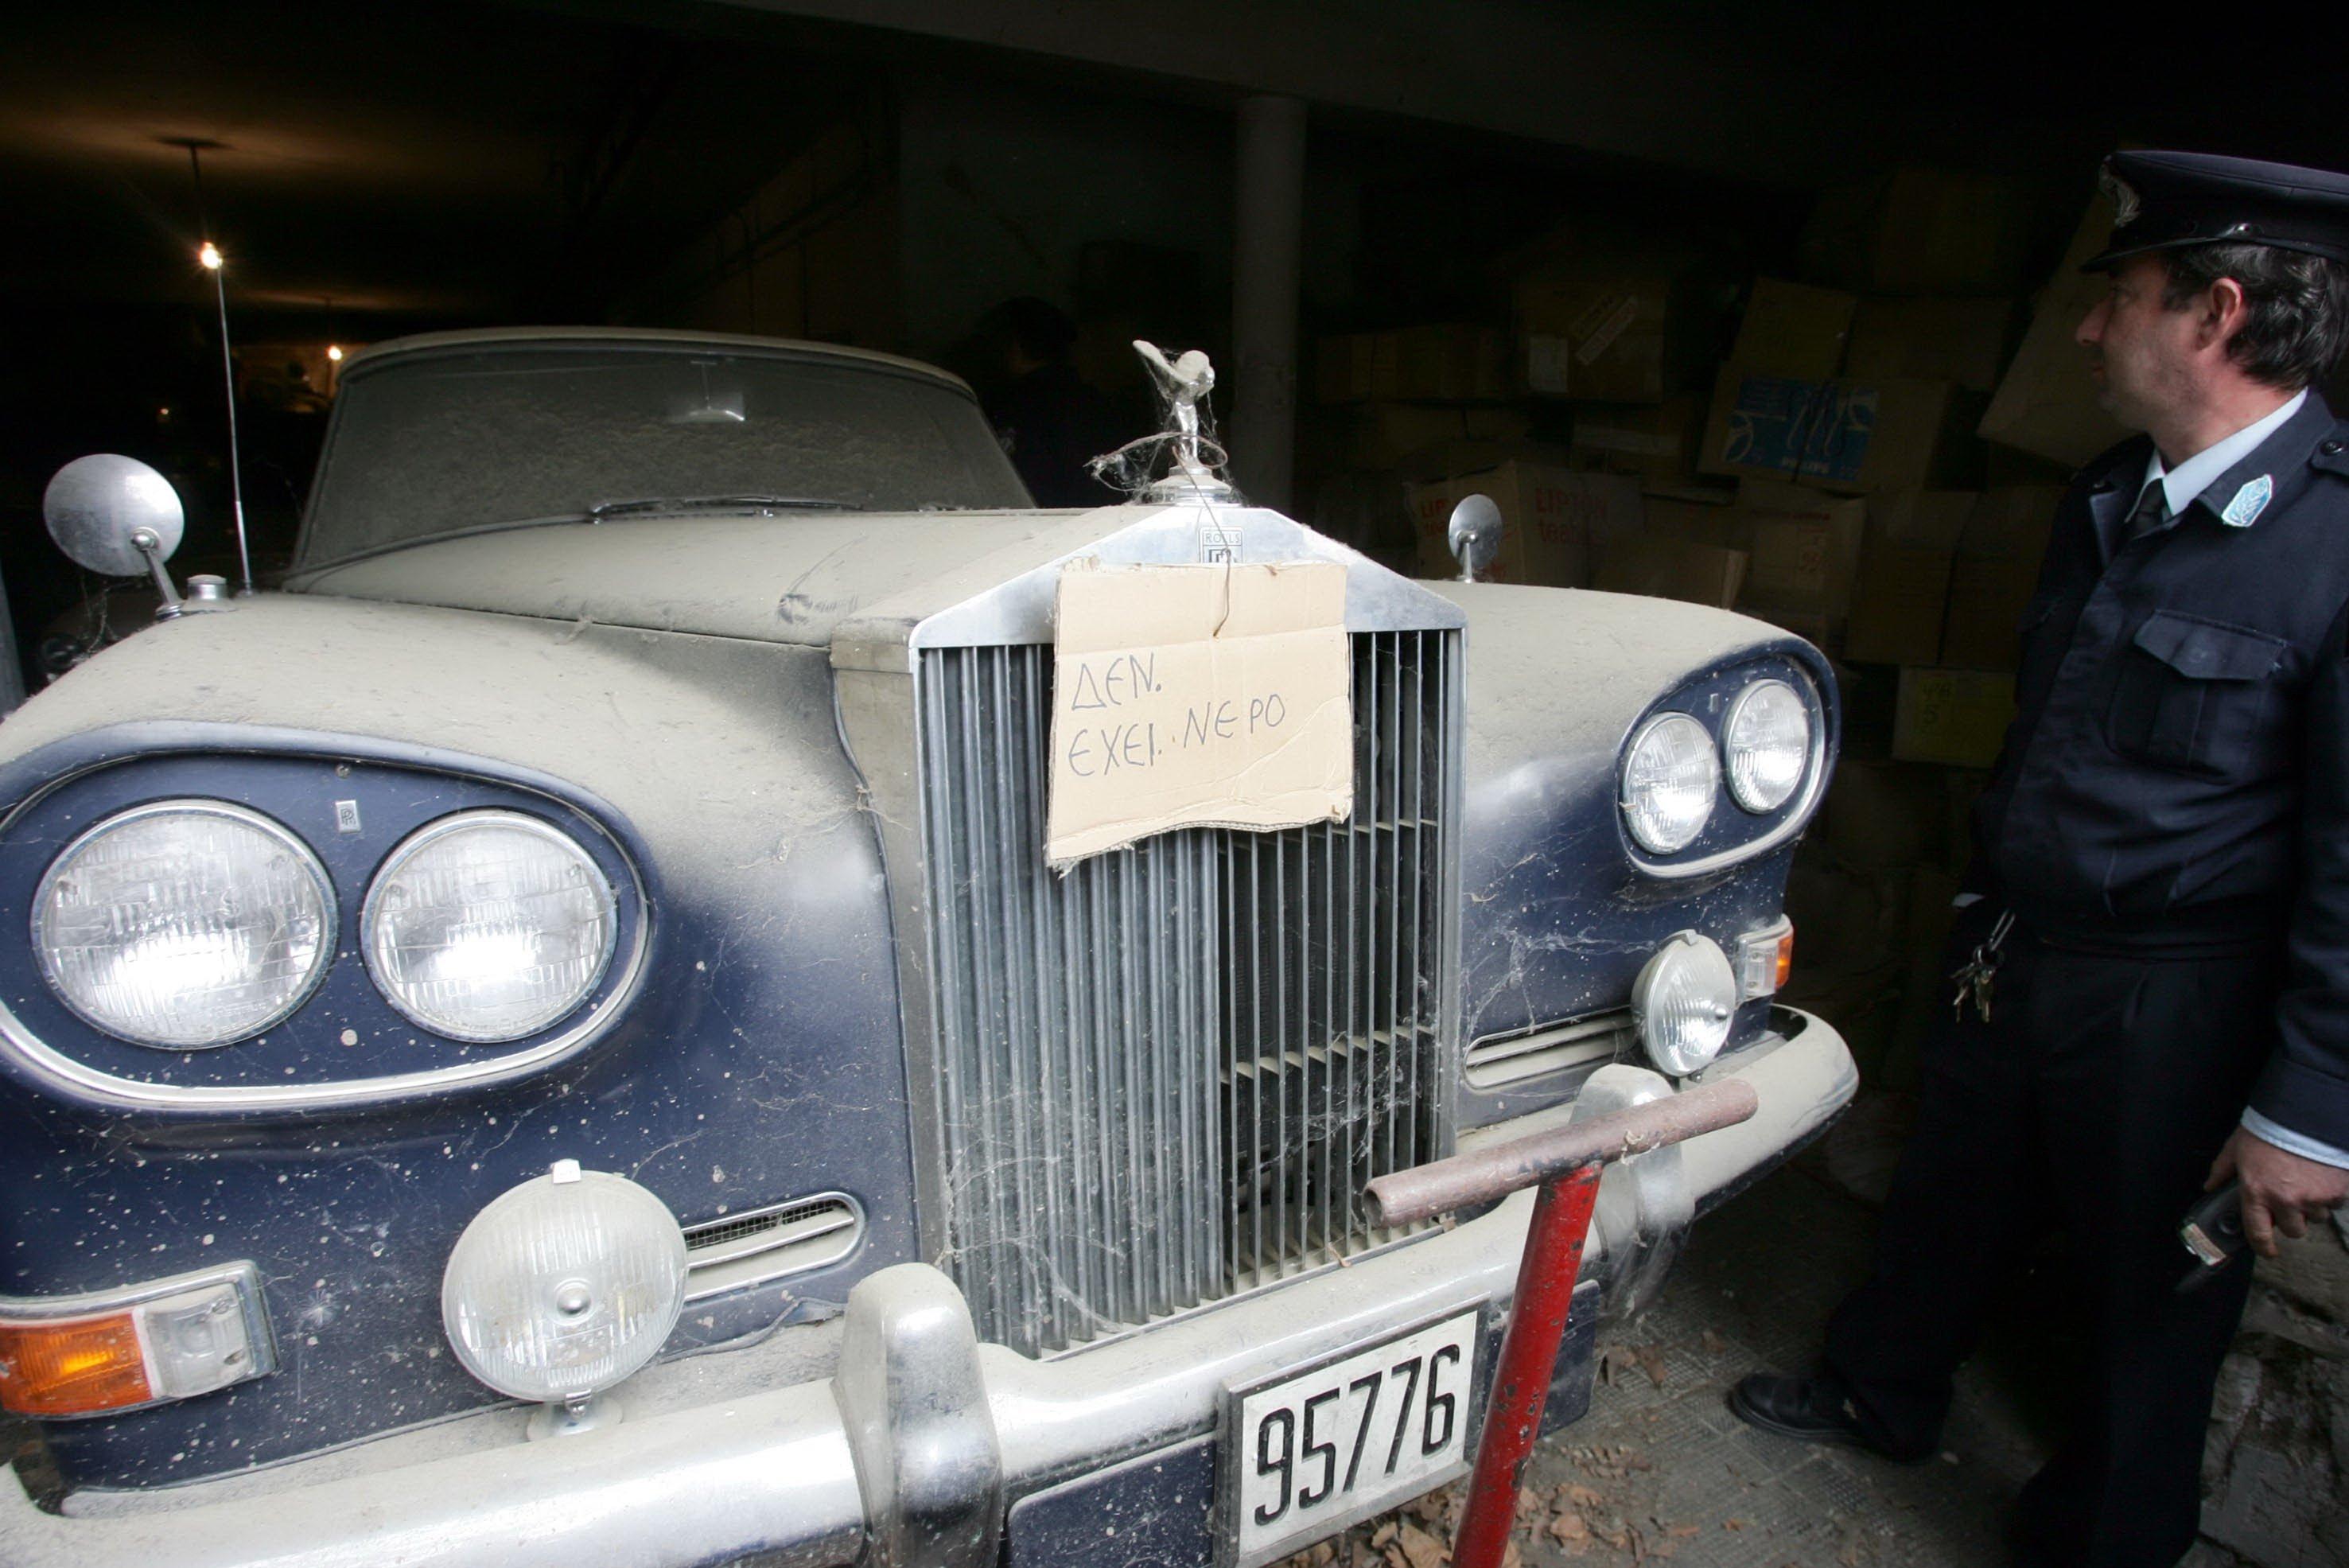 Αποτέλεσμα εικόνας για οχήματα ιστορικού ενδιαφέροντος